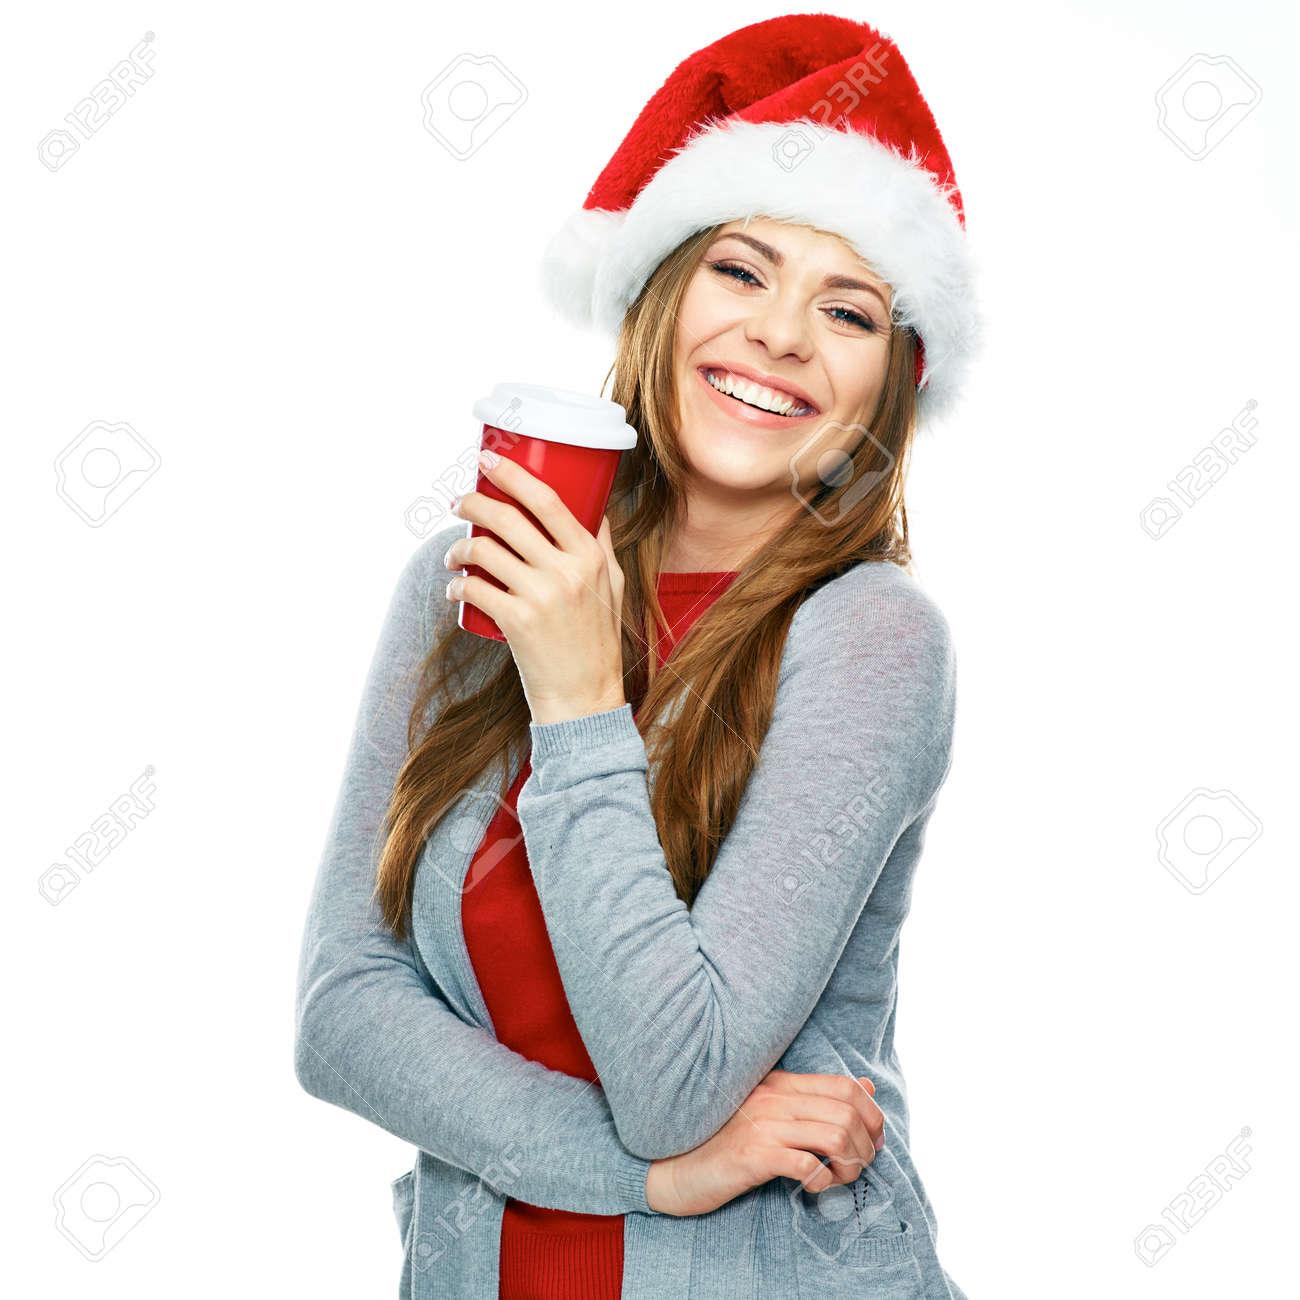 Archivio Fotografico - Ritratto di Natale di giovane donna con cappello  santa isolato su sfondo bianco. Tazza di caffè rosso 9994a093c9b1